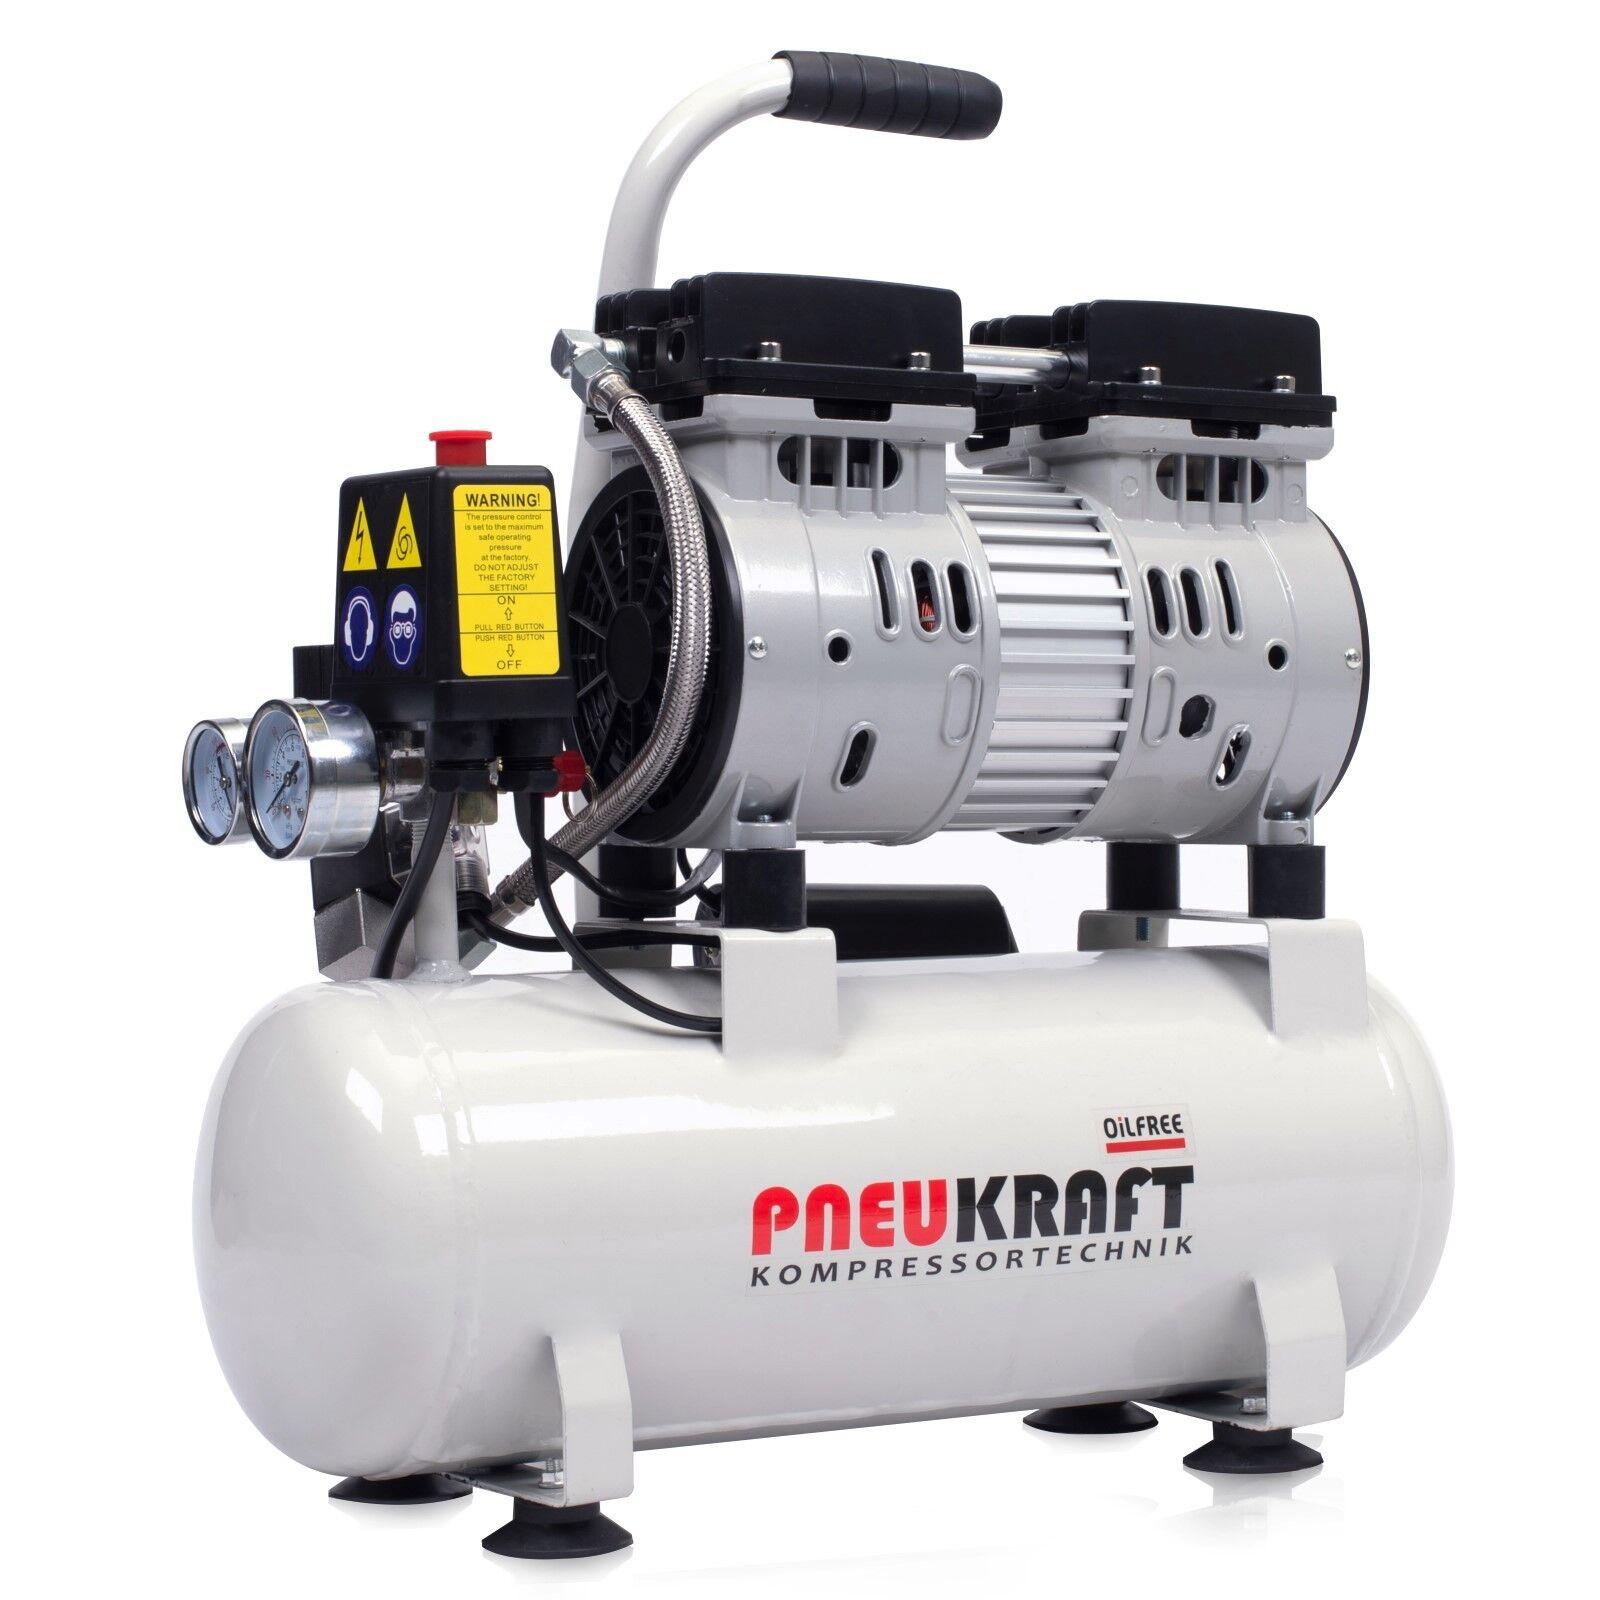 Kompressor ölfrei 9L Pneukraft Luftkompressor Leise Silent Druckluft Kessel 450W